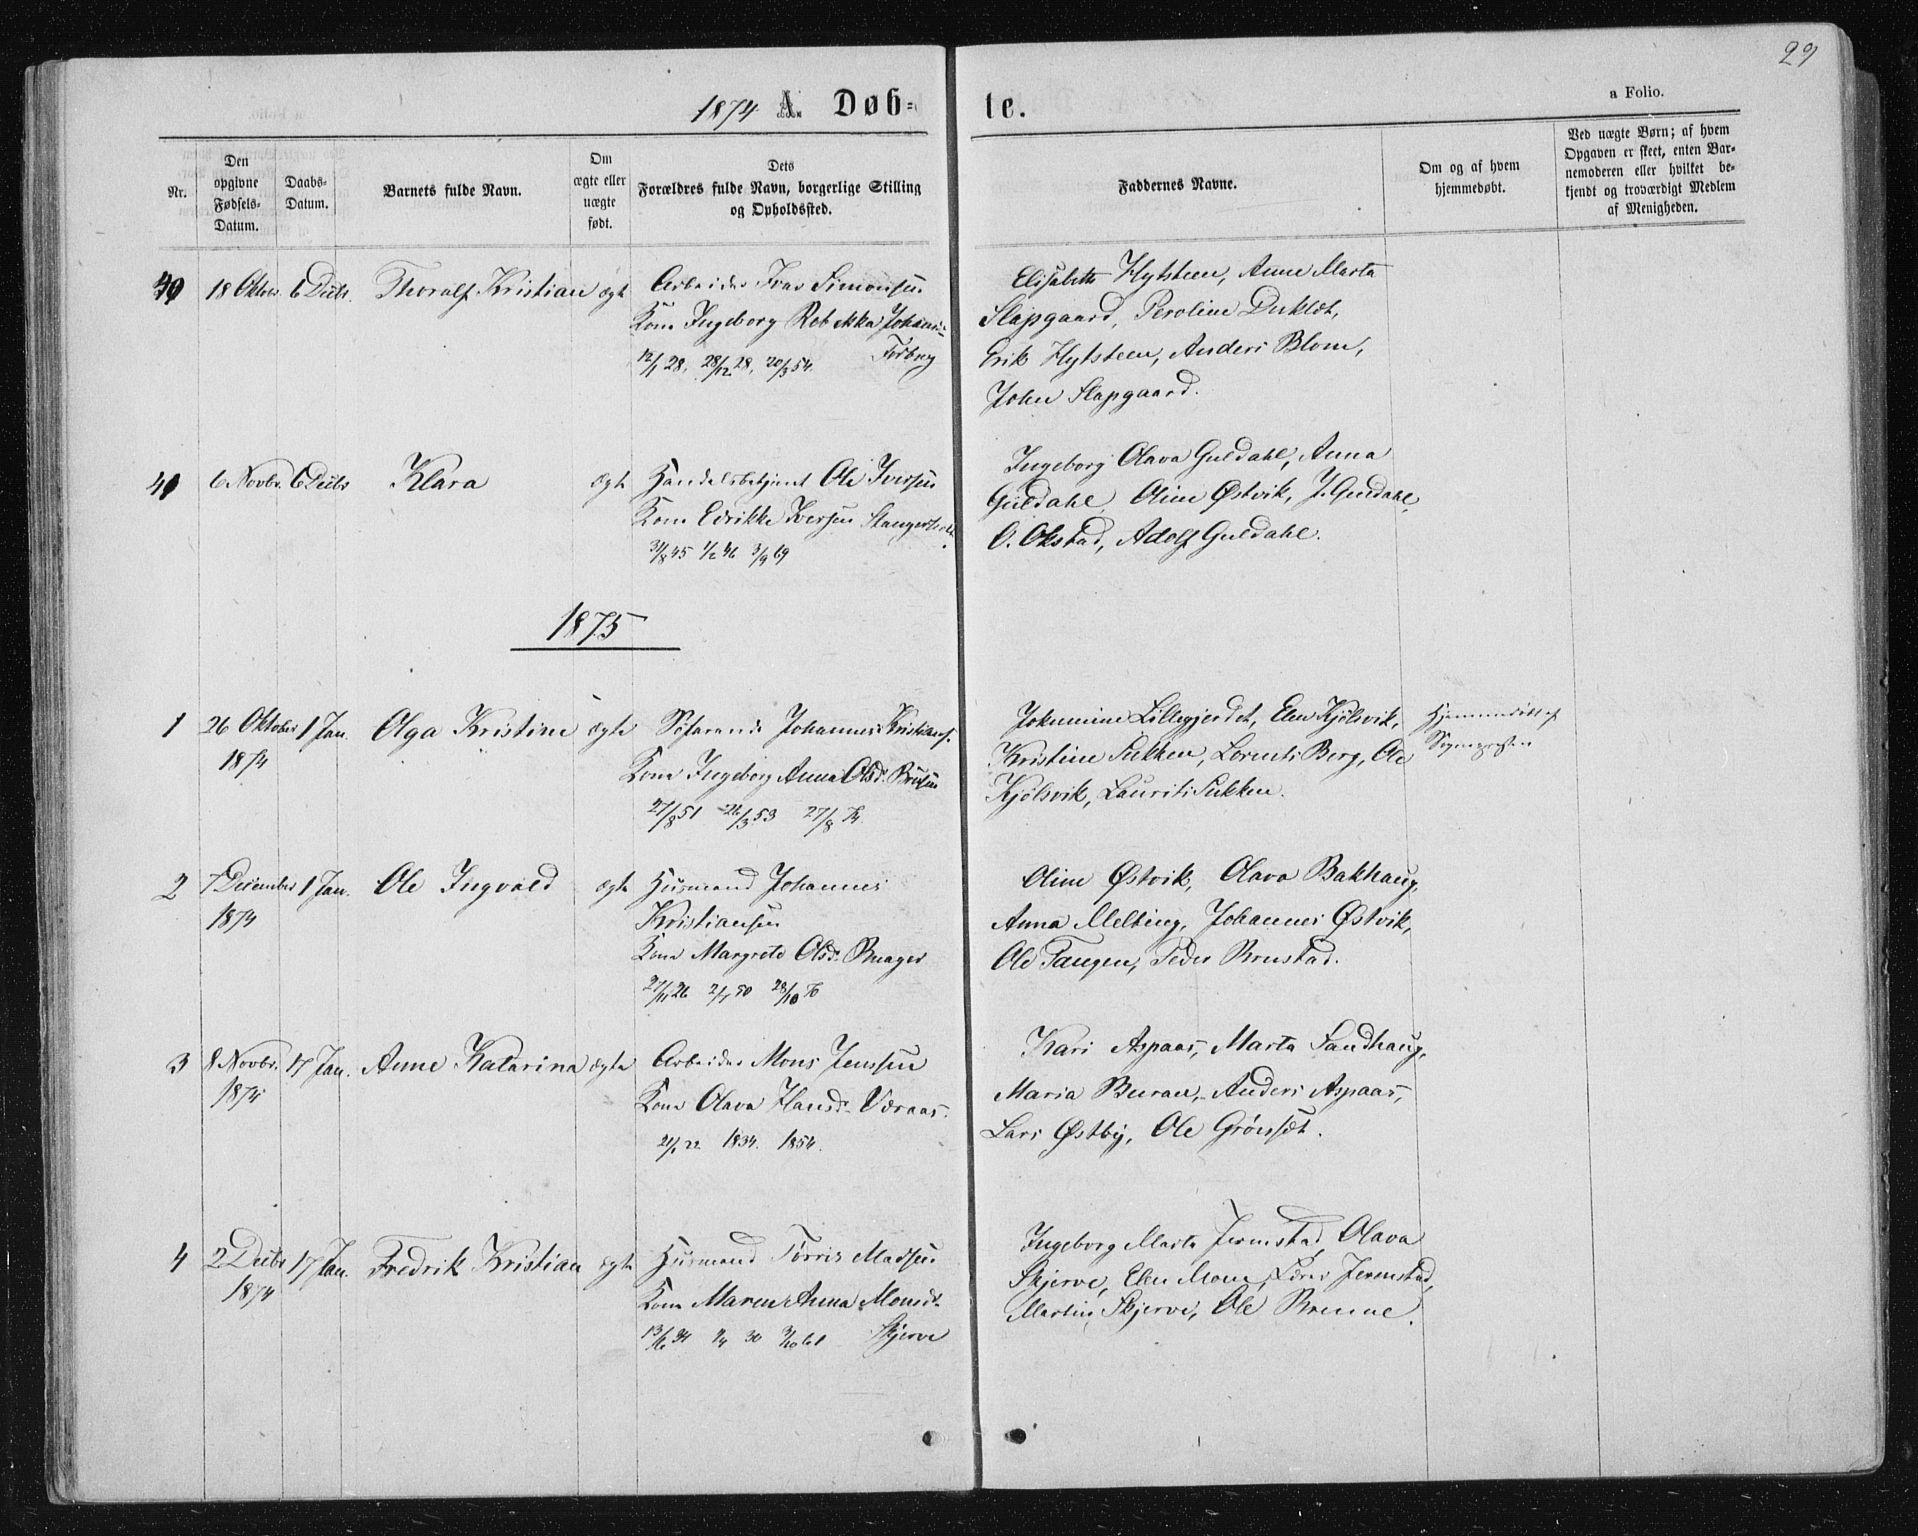 SAT, Ministerialprotokoller, klokkerbøker og fødselsregistre - Nord-Trøndelag, 722/L0219: Ministerialbok nr. 722A06, 1868-1880, s. 29